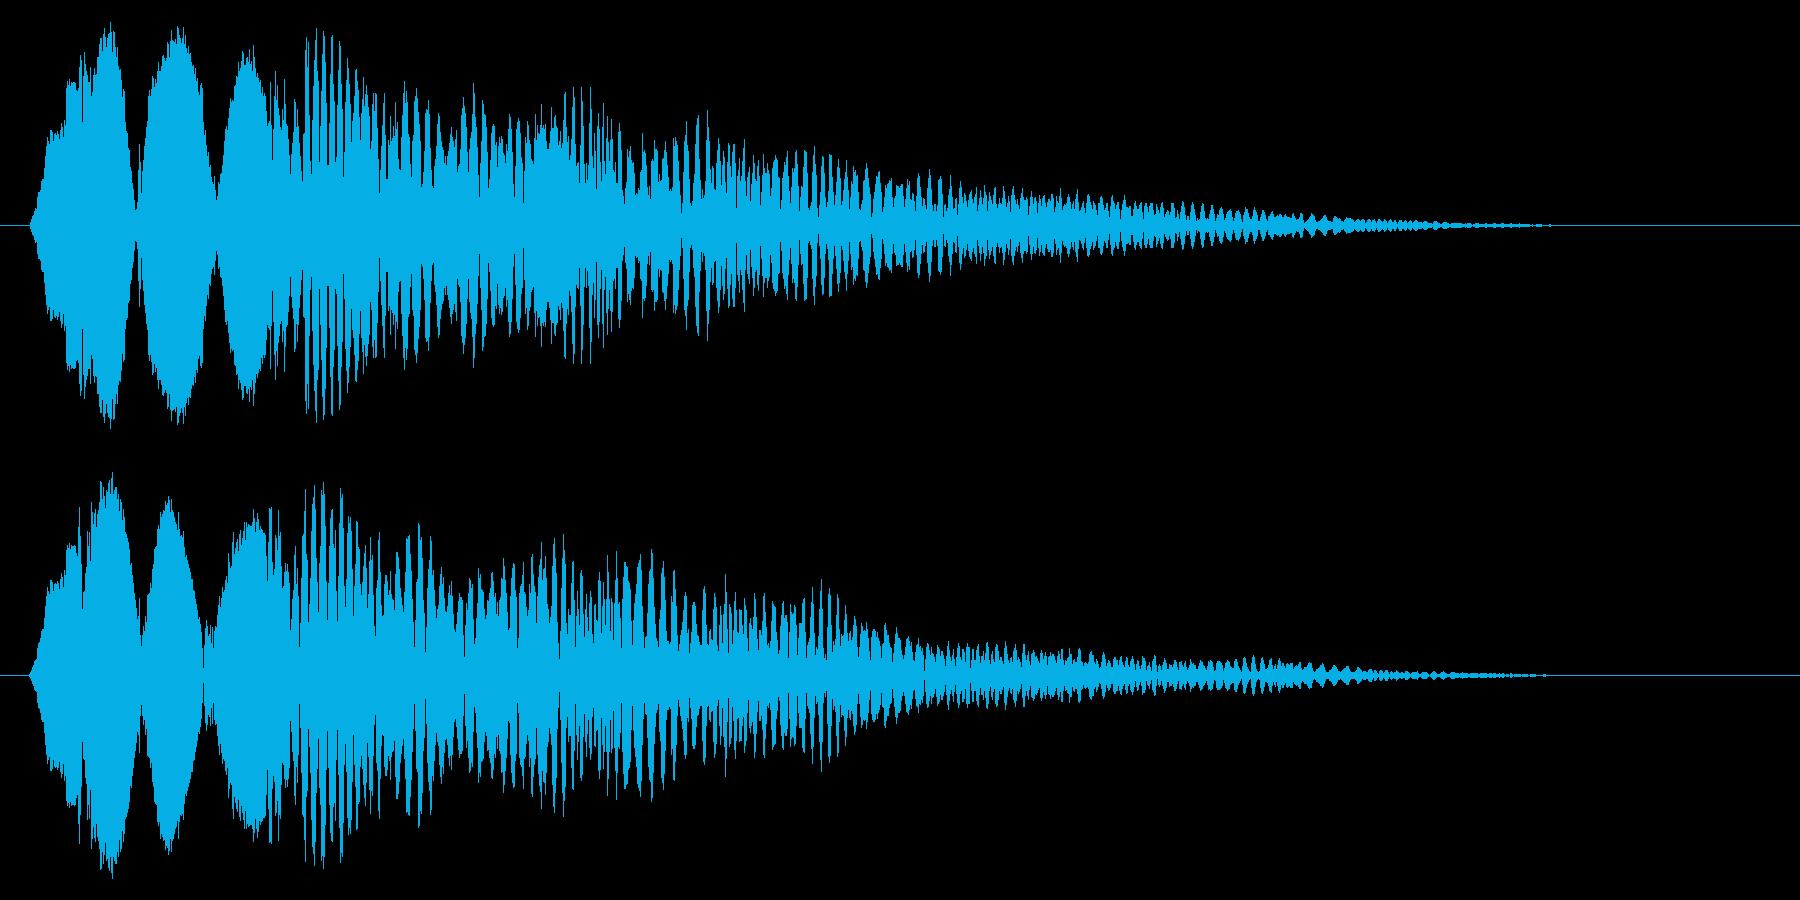 ピリョ〜ン(軽快な動きを表現する効果音)の再生済みの波形